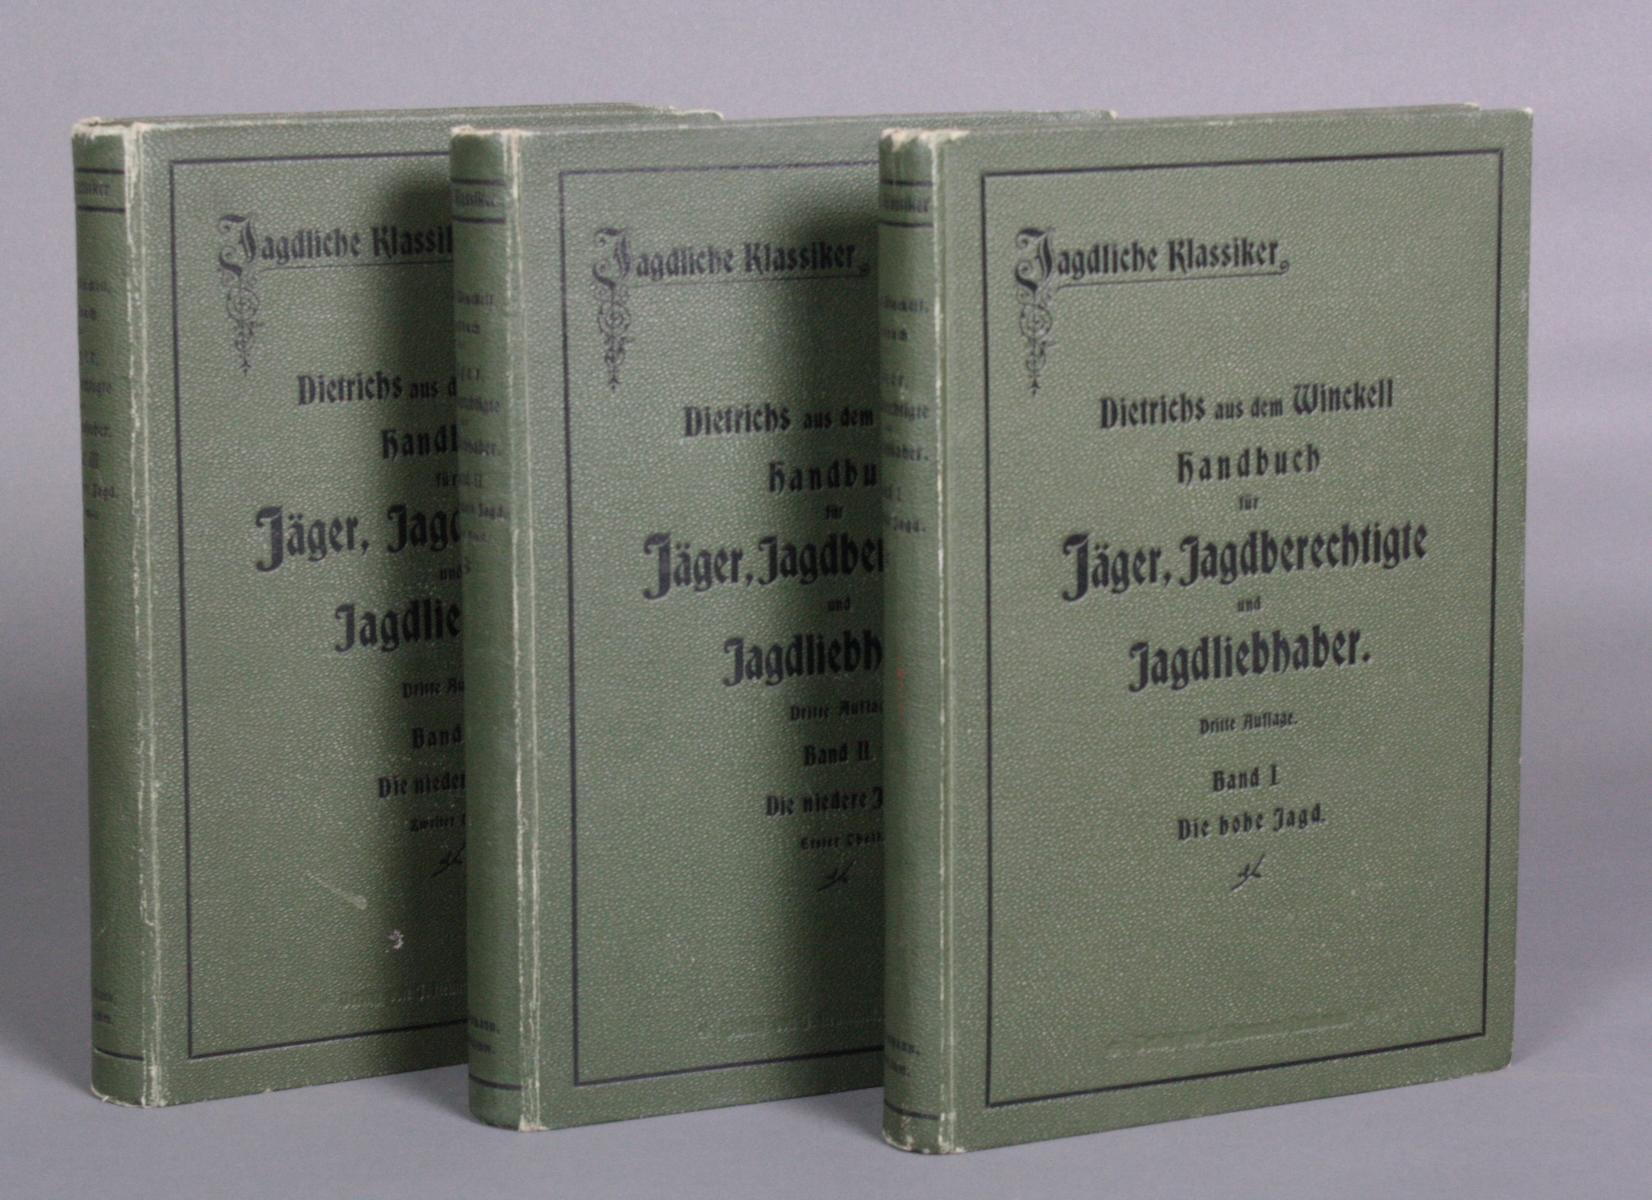 Handbuch für Jäger in Drei Bänden. Dietrichs aus dem Winckell, Band I-III